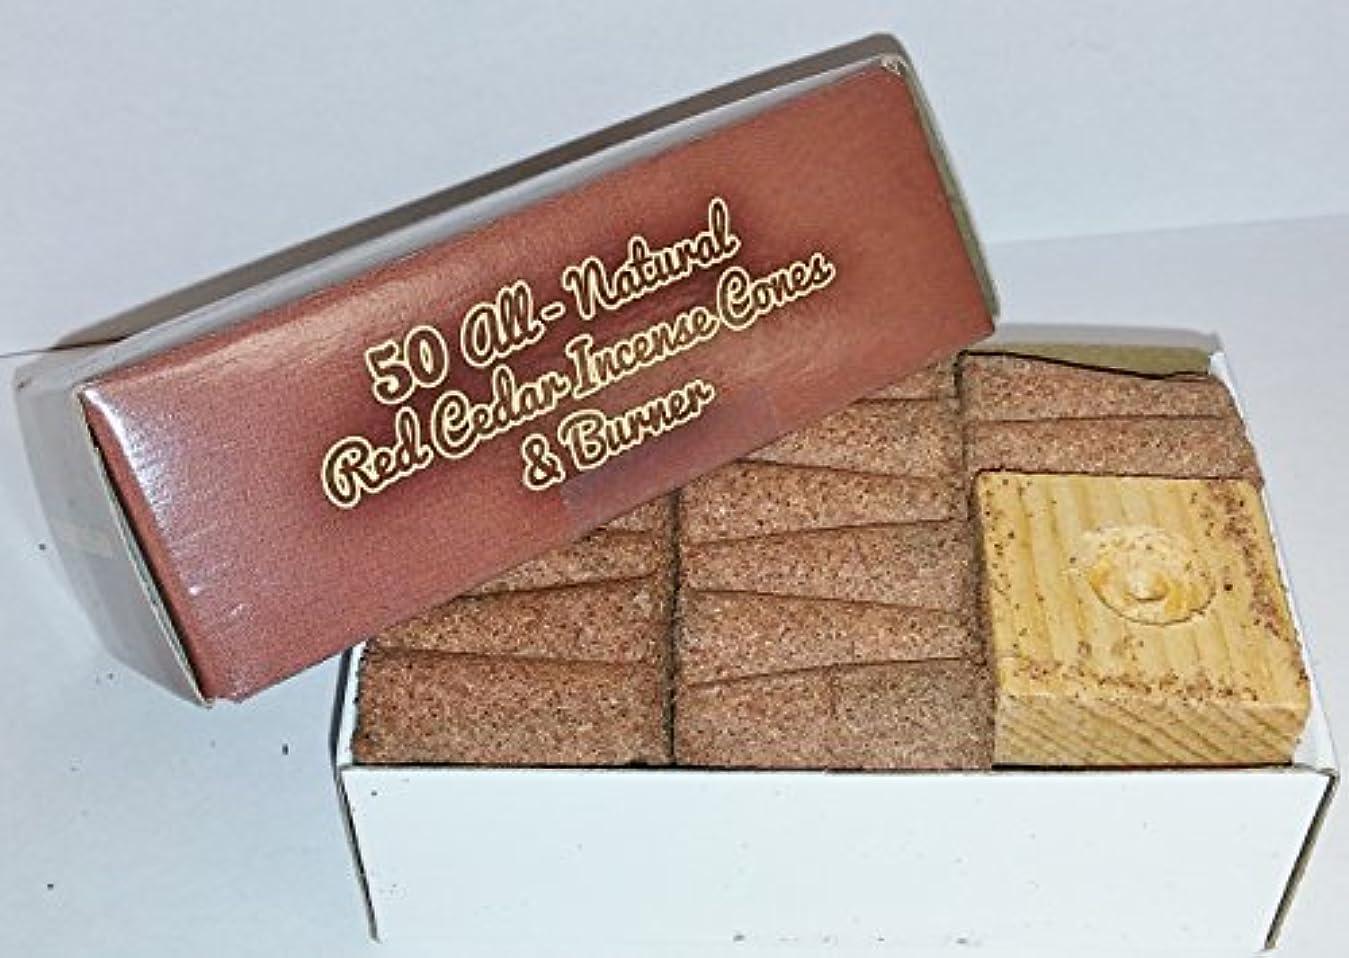 構造寝てるIncense & Burner Comes w/50 Red Cedar Cones Paineの木製ホルダーLodgeスタイル